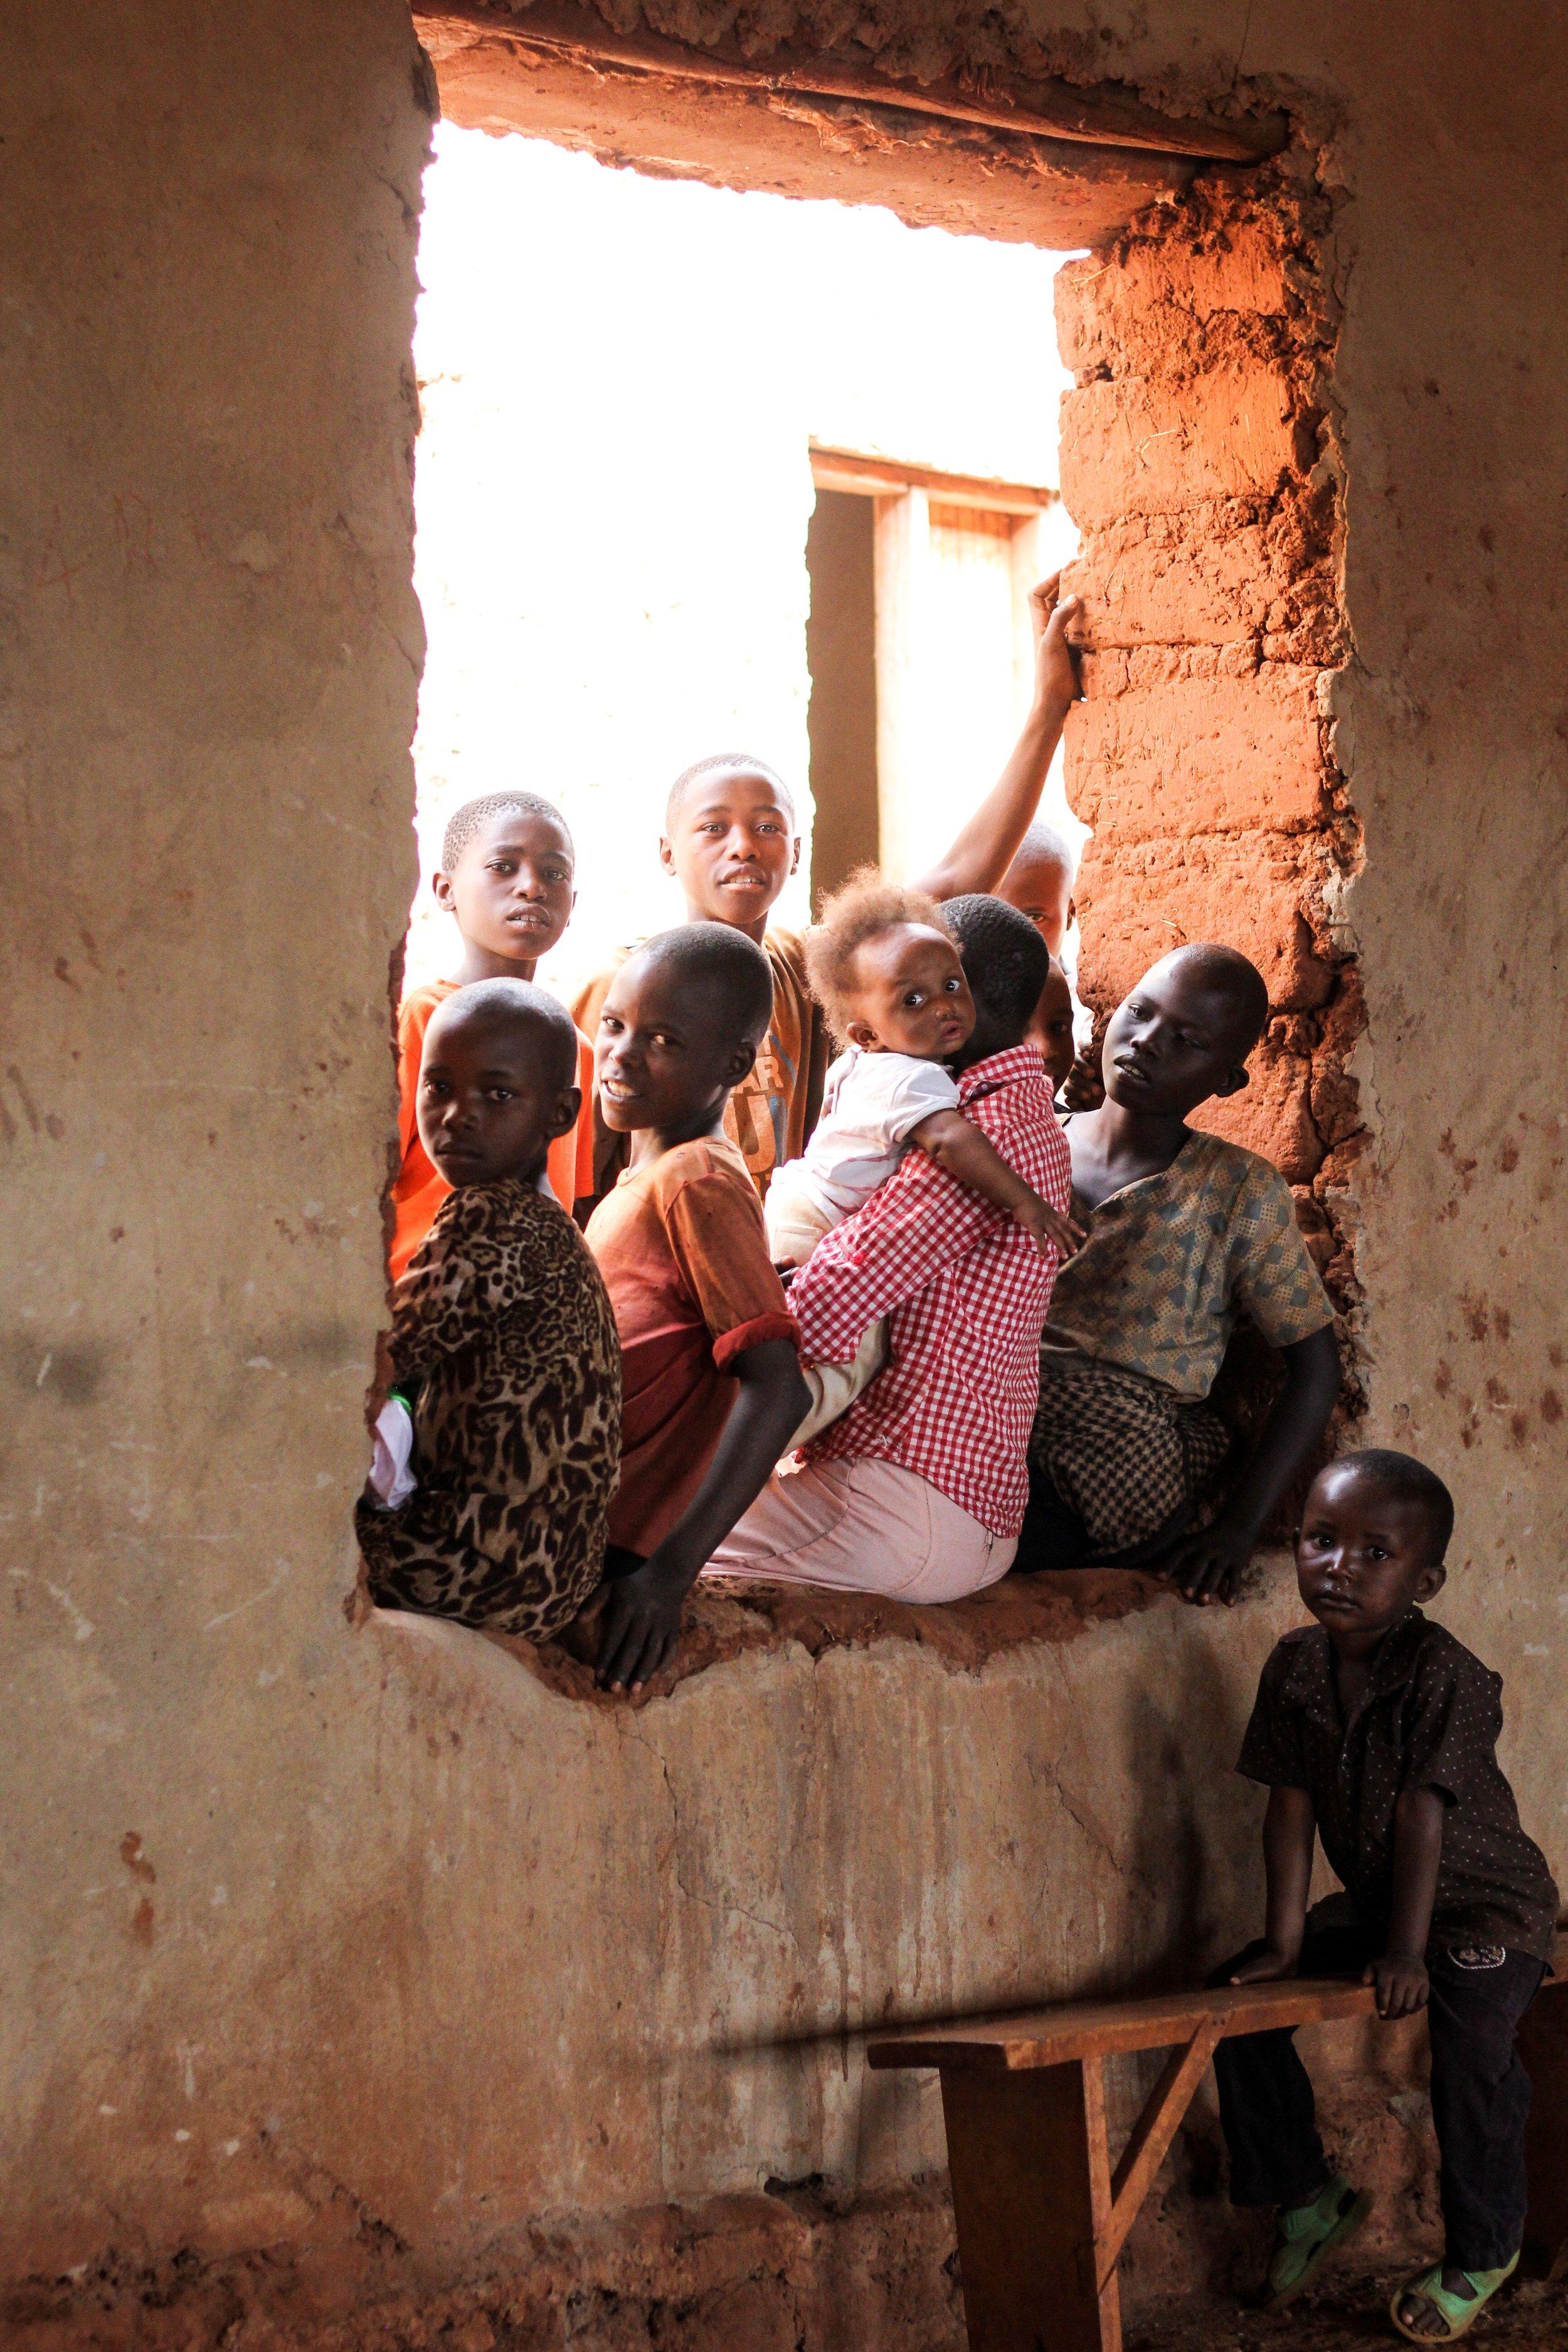 Africa-Ebola-Children-TheEbolaFund.jpg